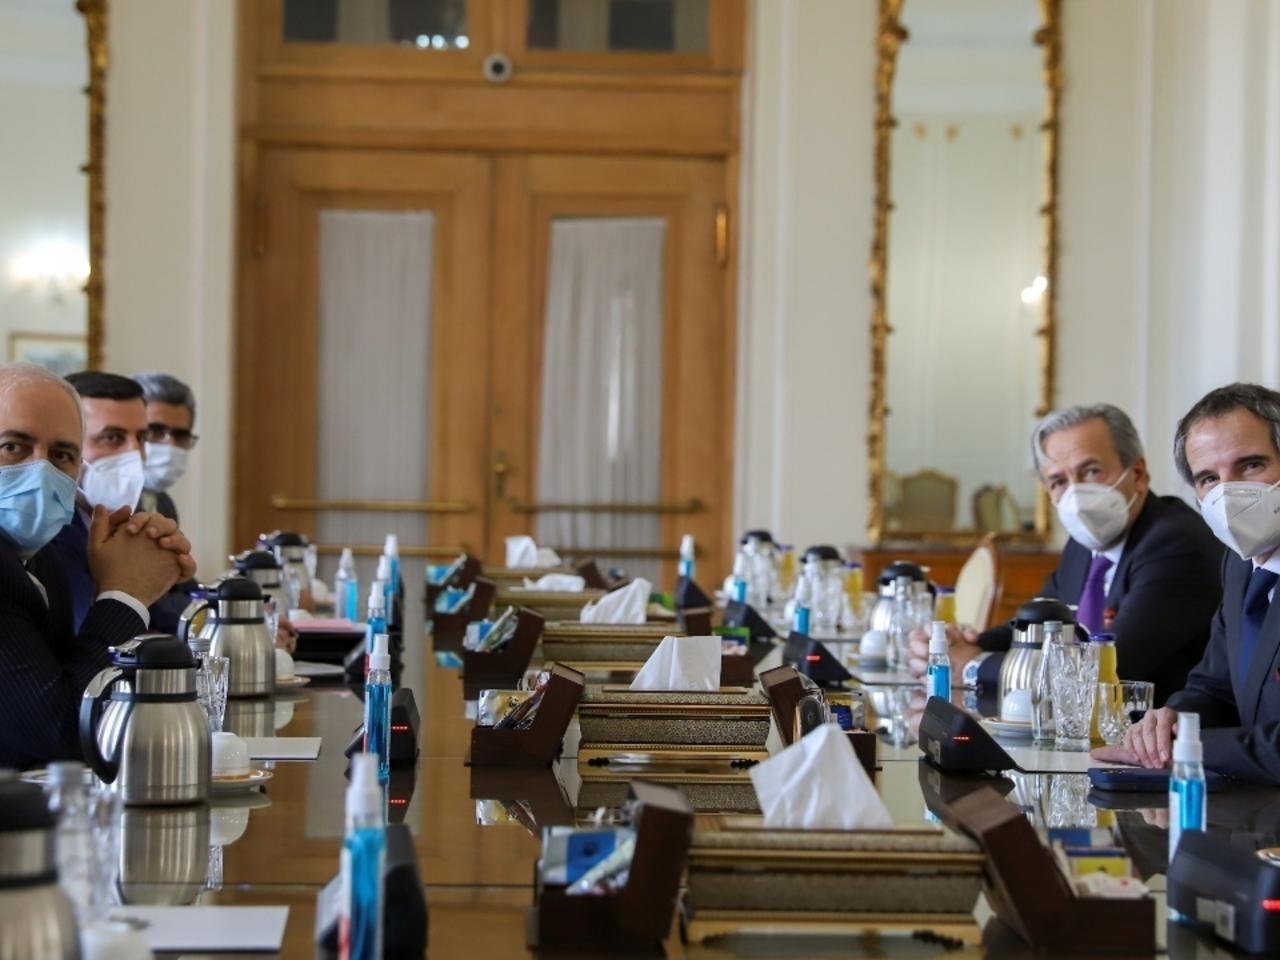 w1280-p4x3-Zarif Grossi Iran negotiations